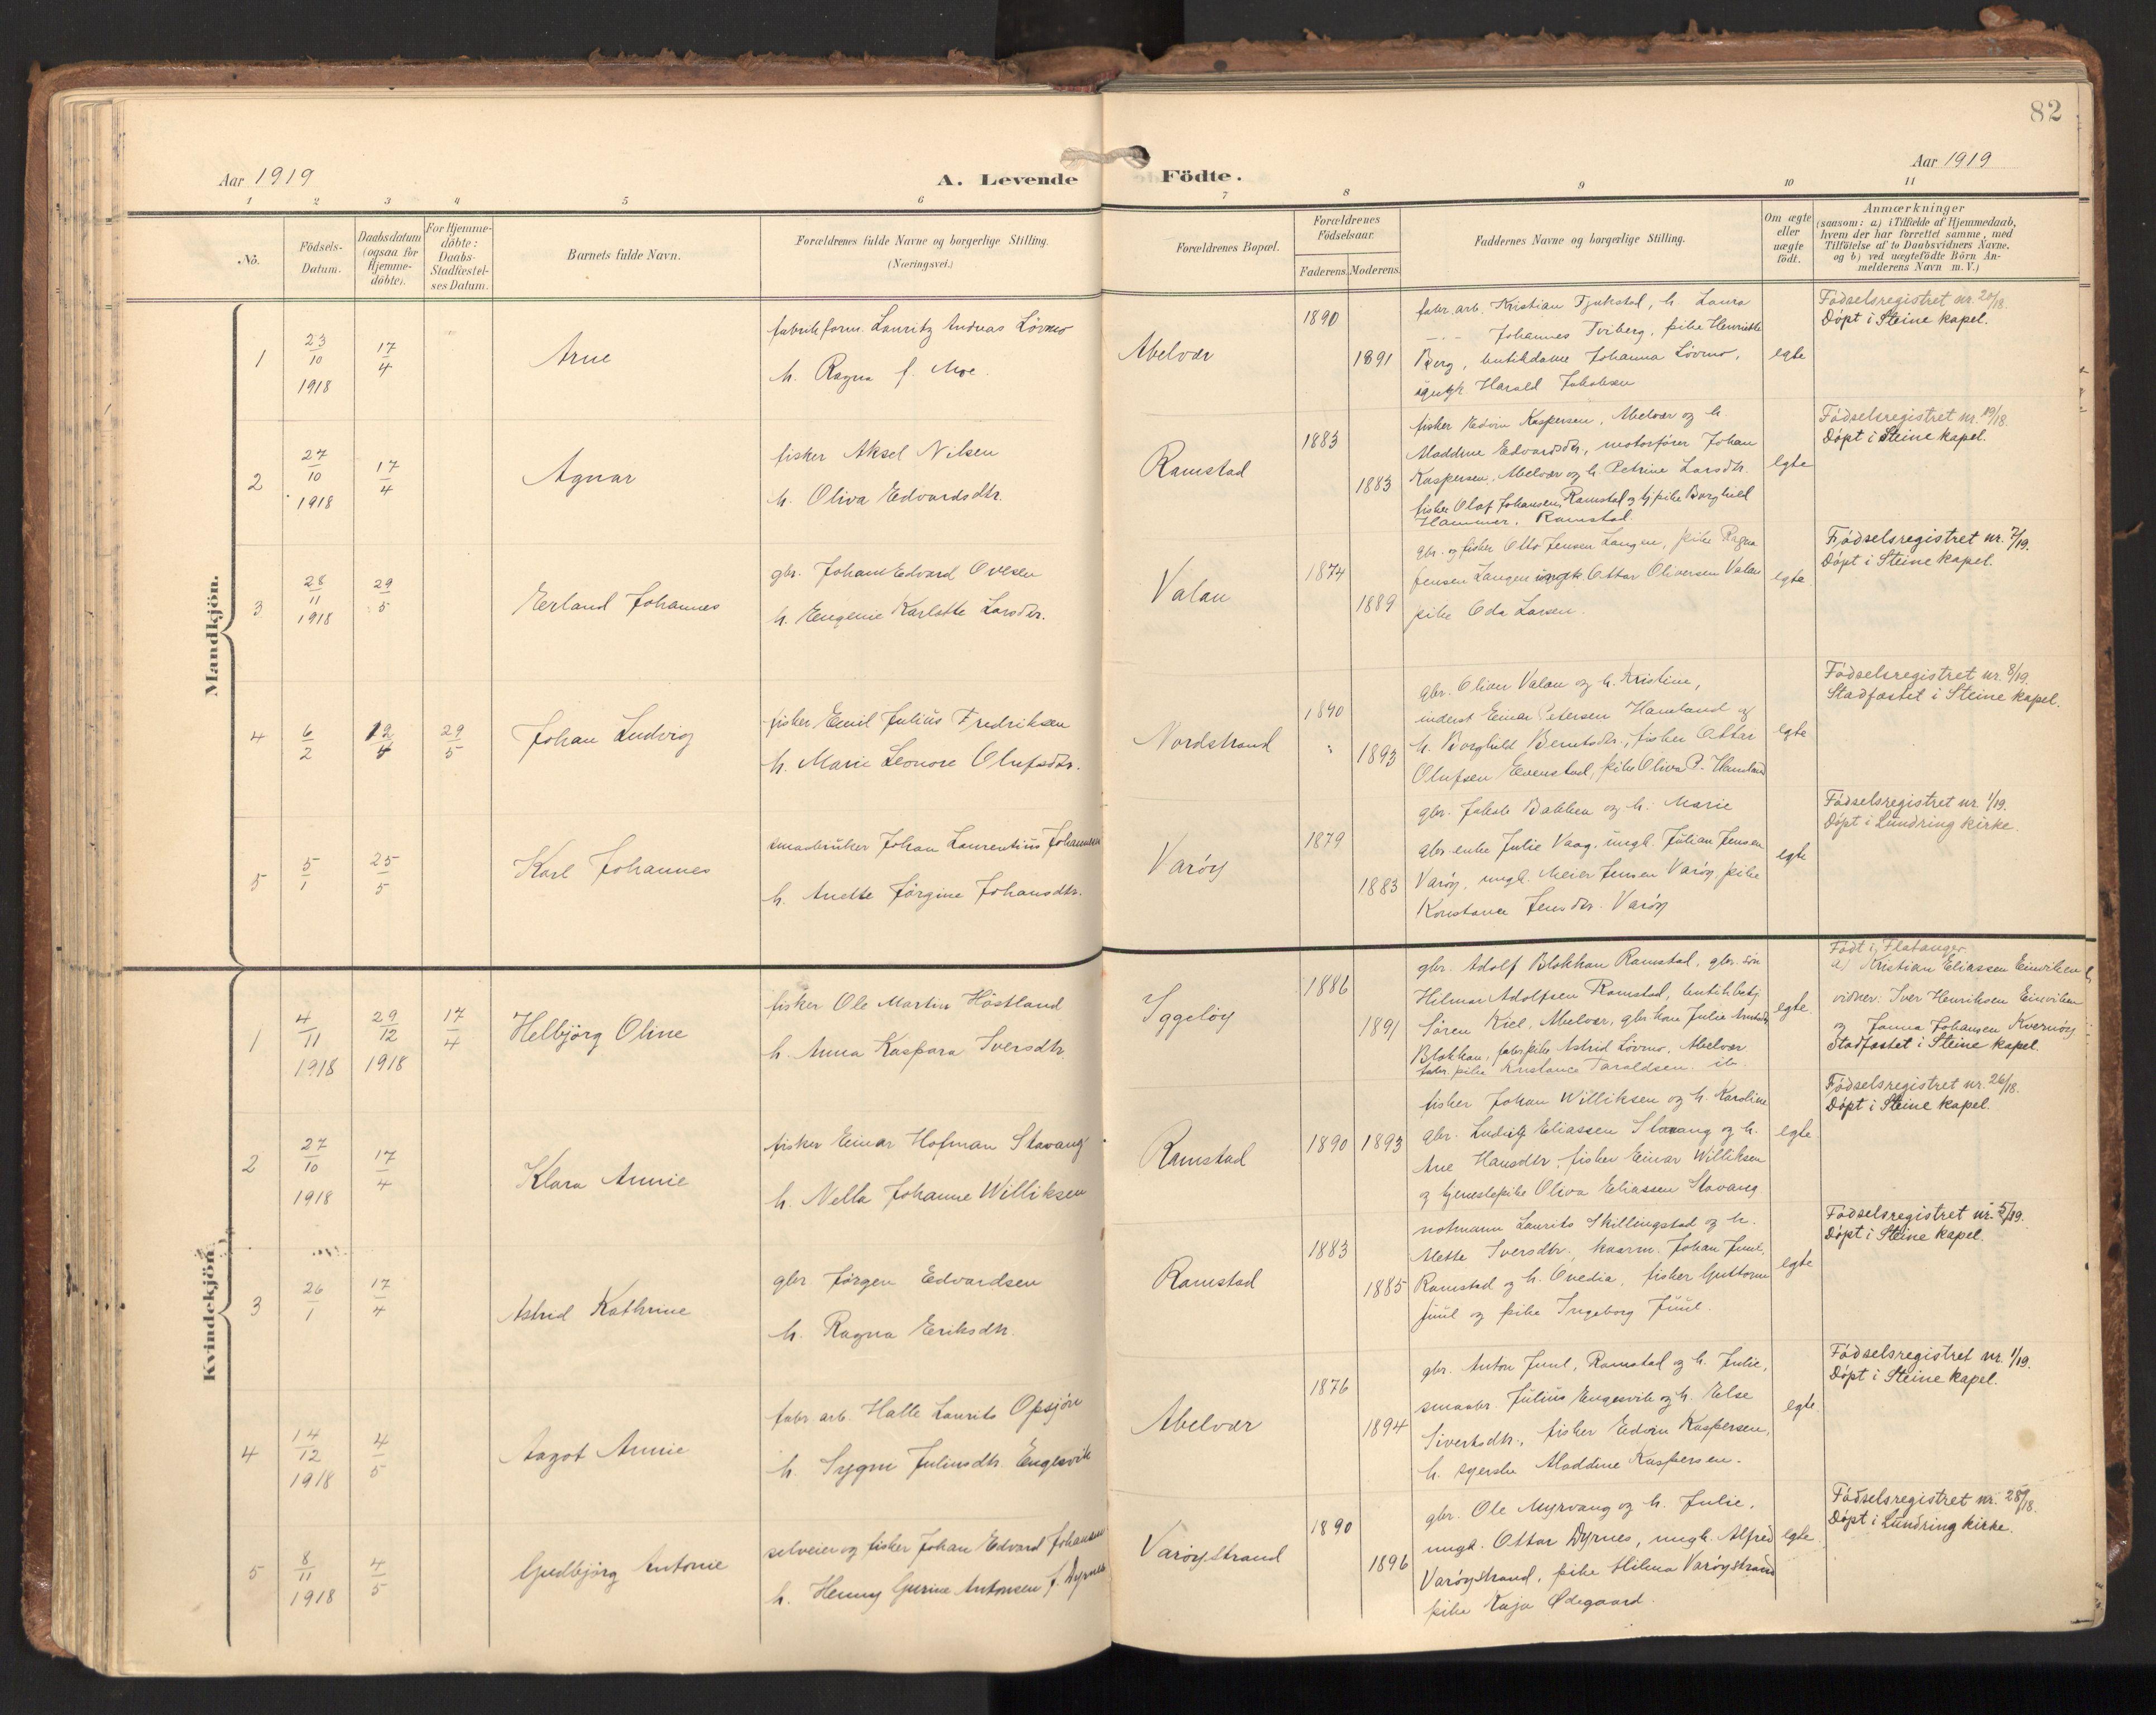 SAT, Ministerialprotokoller, klokkerbøker og fødselsregistre - Nord-Trøndelag, 784/L0677: Ministerialbok nr. 784A12, 1900-1920, s. 82